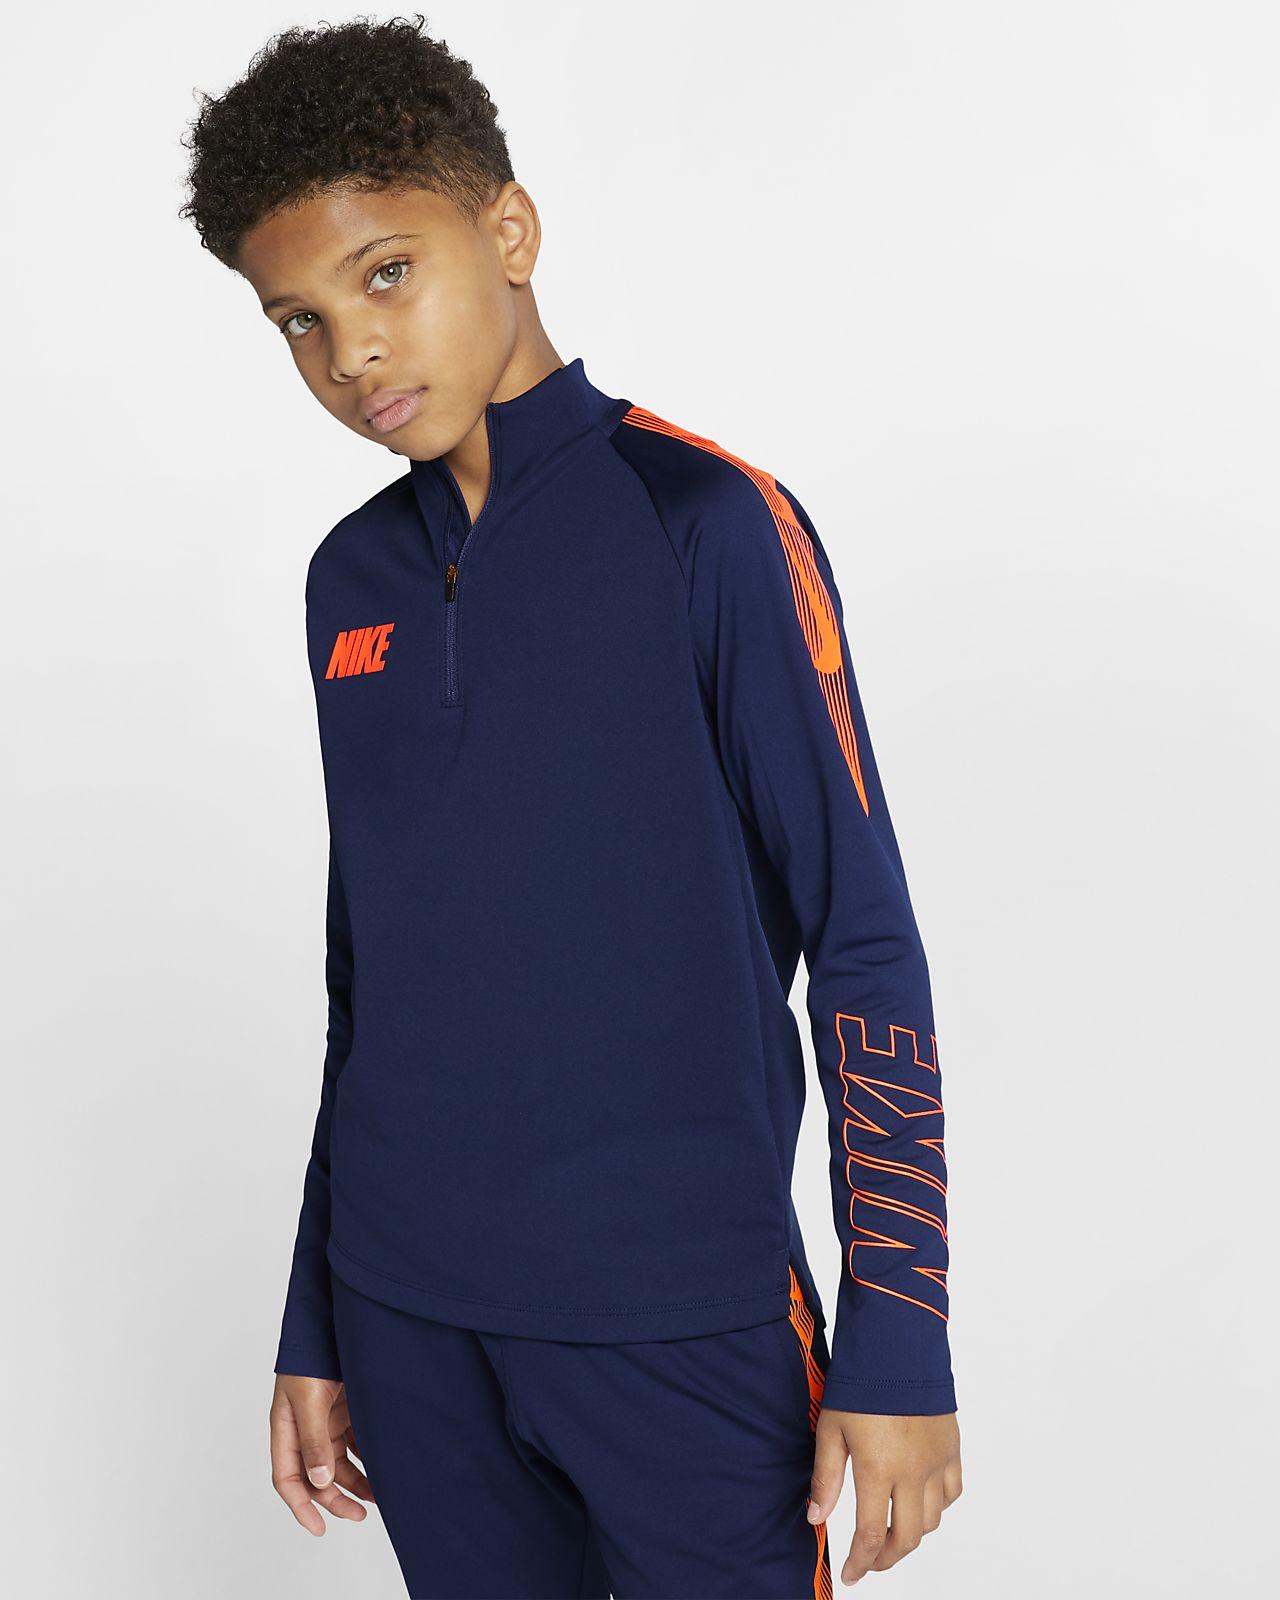 a7c9952c Nike Dri-FIT Squad Older Kids' Football Drill Top. Nike.com GB